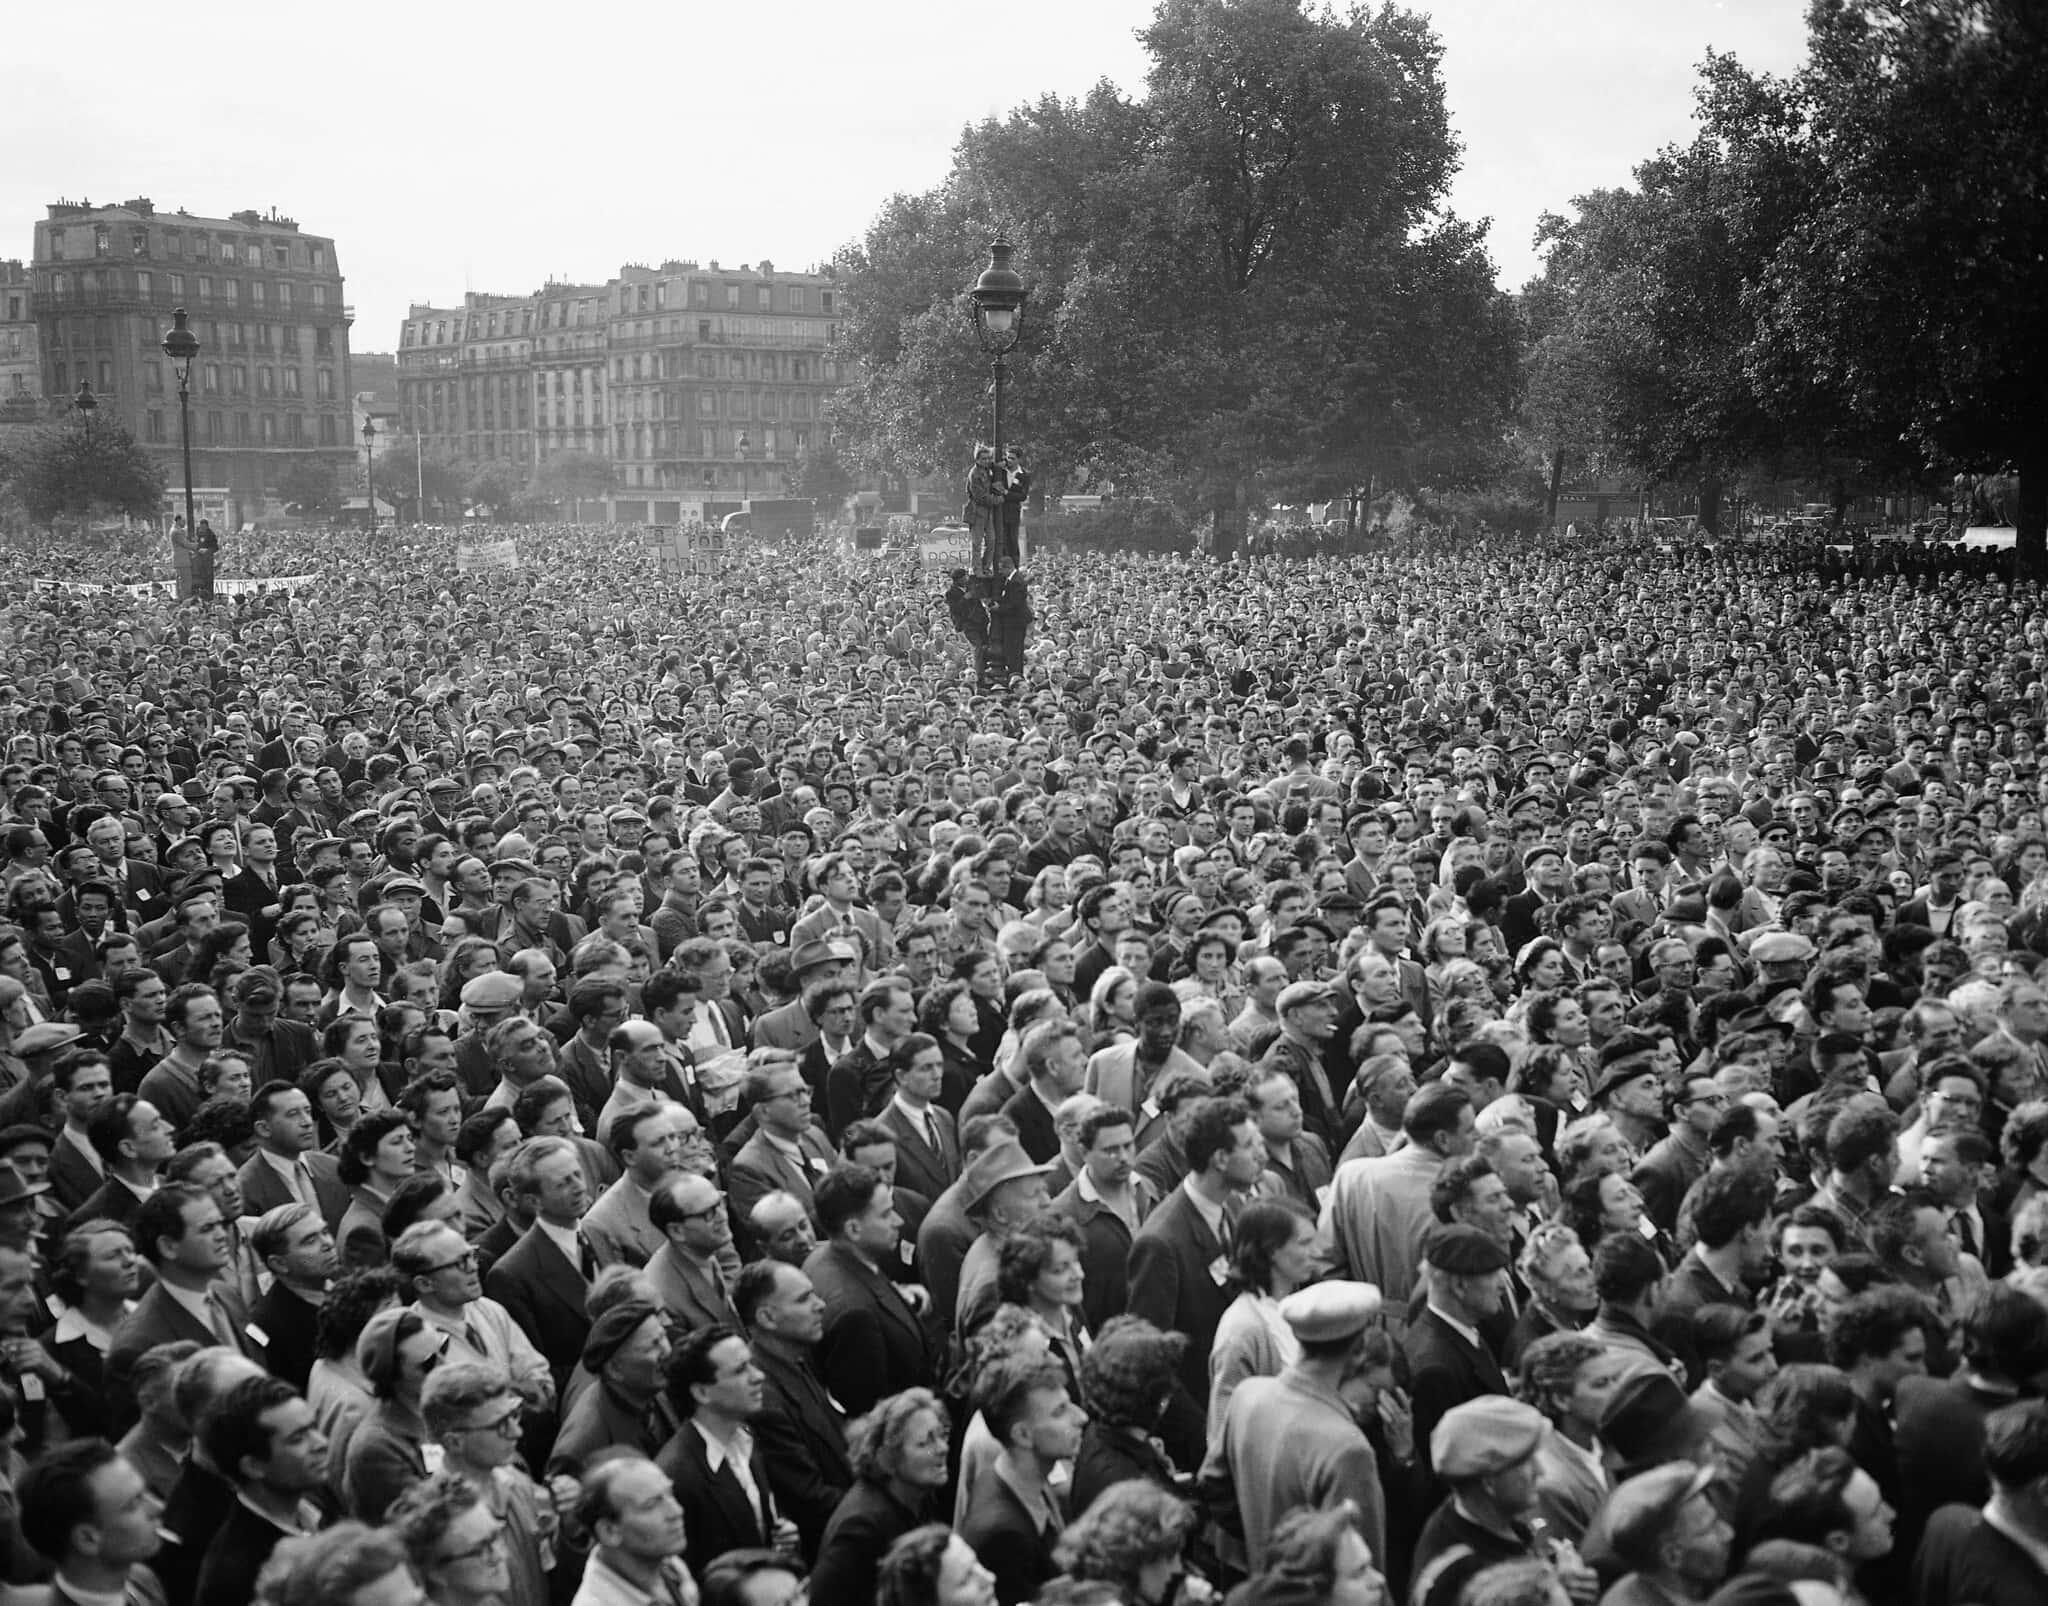 מבט כללי לכיכר נאסיון בפריז ב-17 ביוני 1953, במהלך הפגנה לטובת בני הזוג רוזנברג (צילום: Louis Heckly, AP)